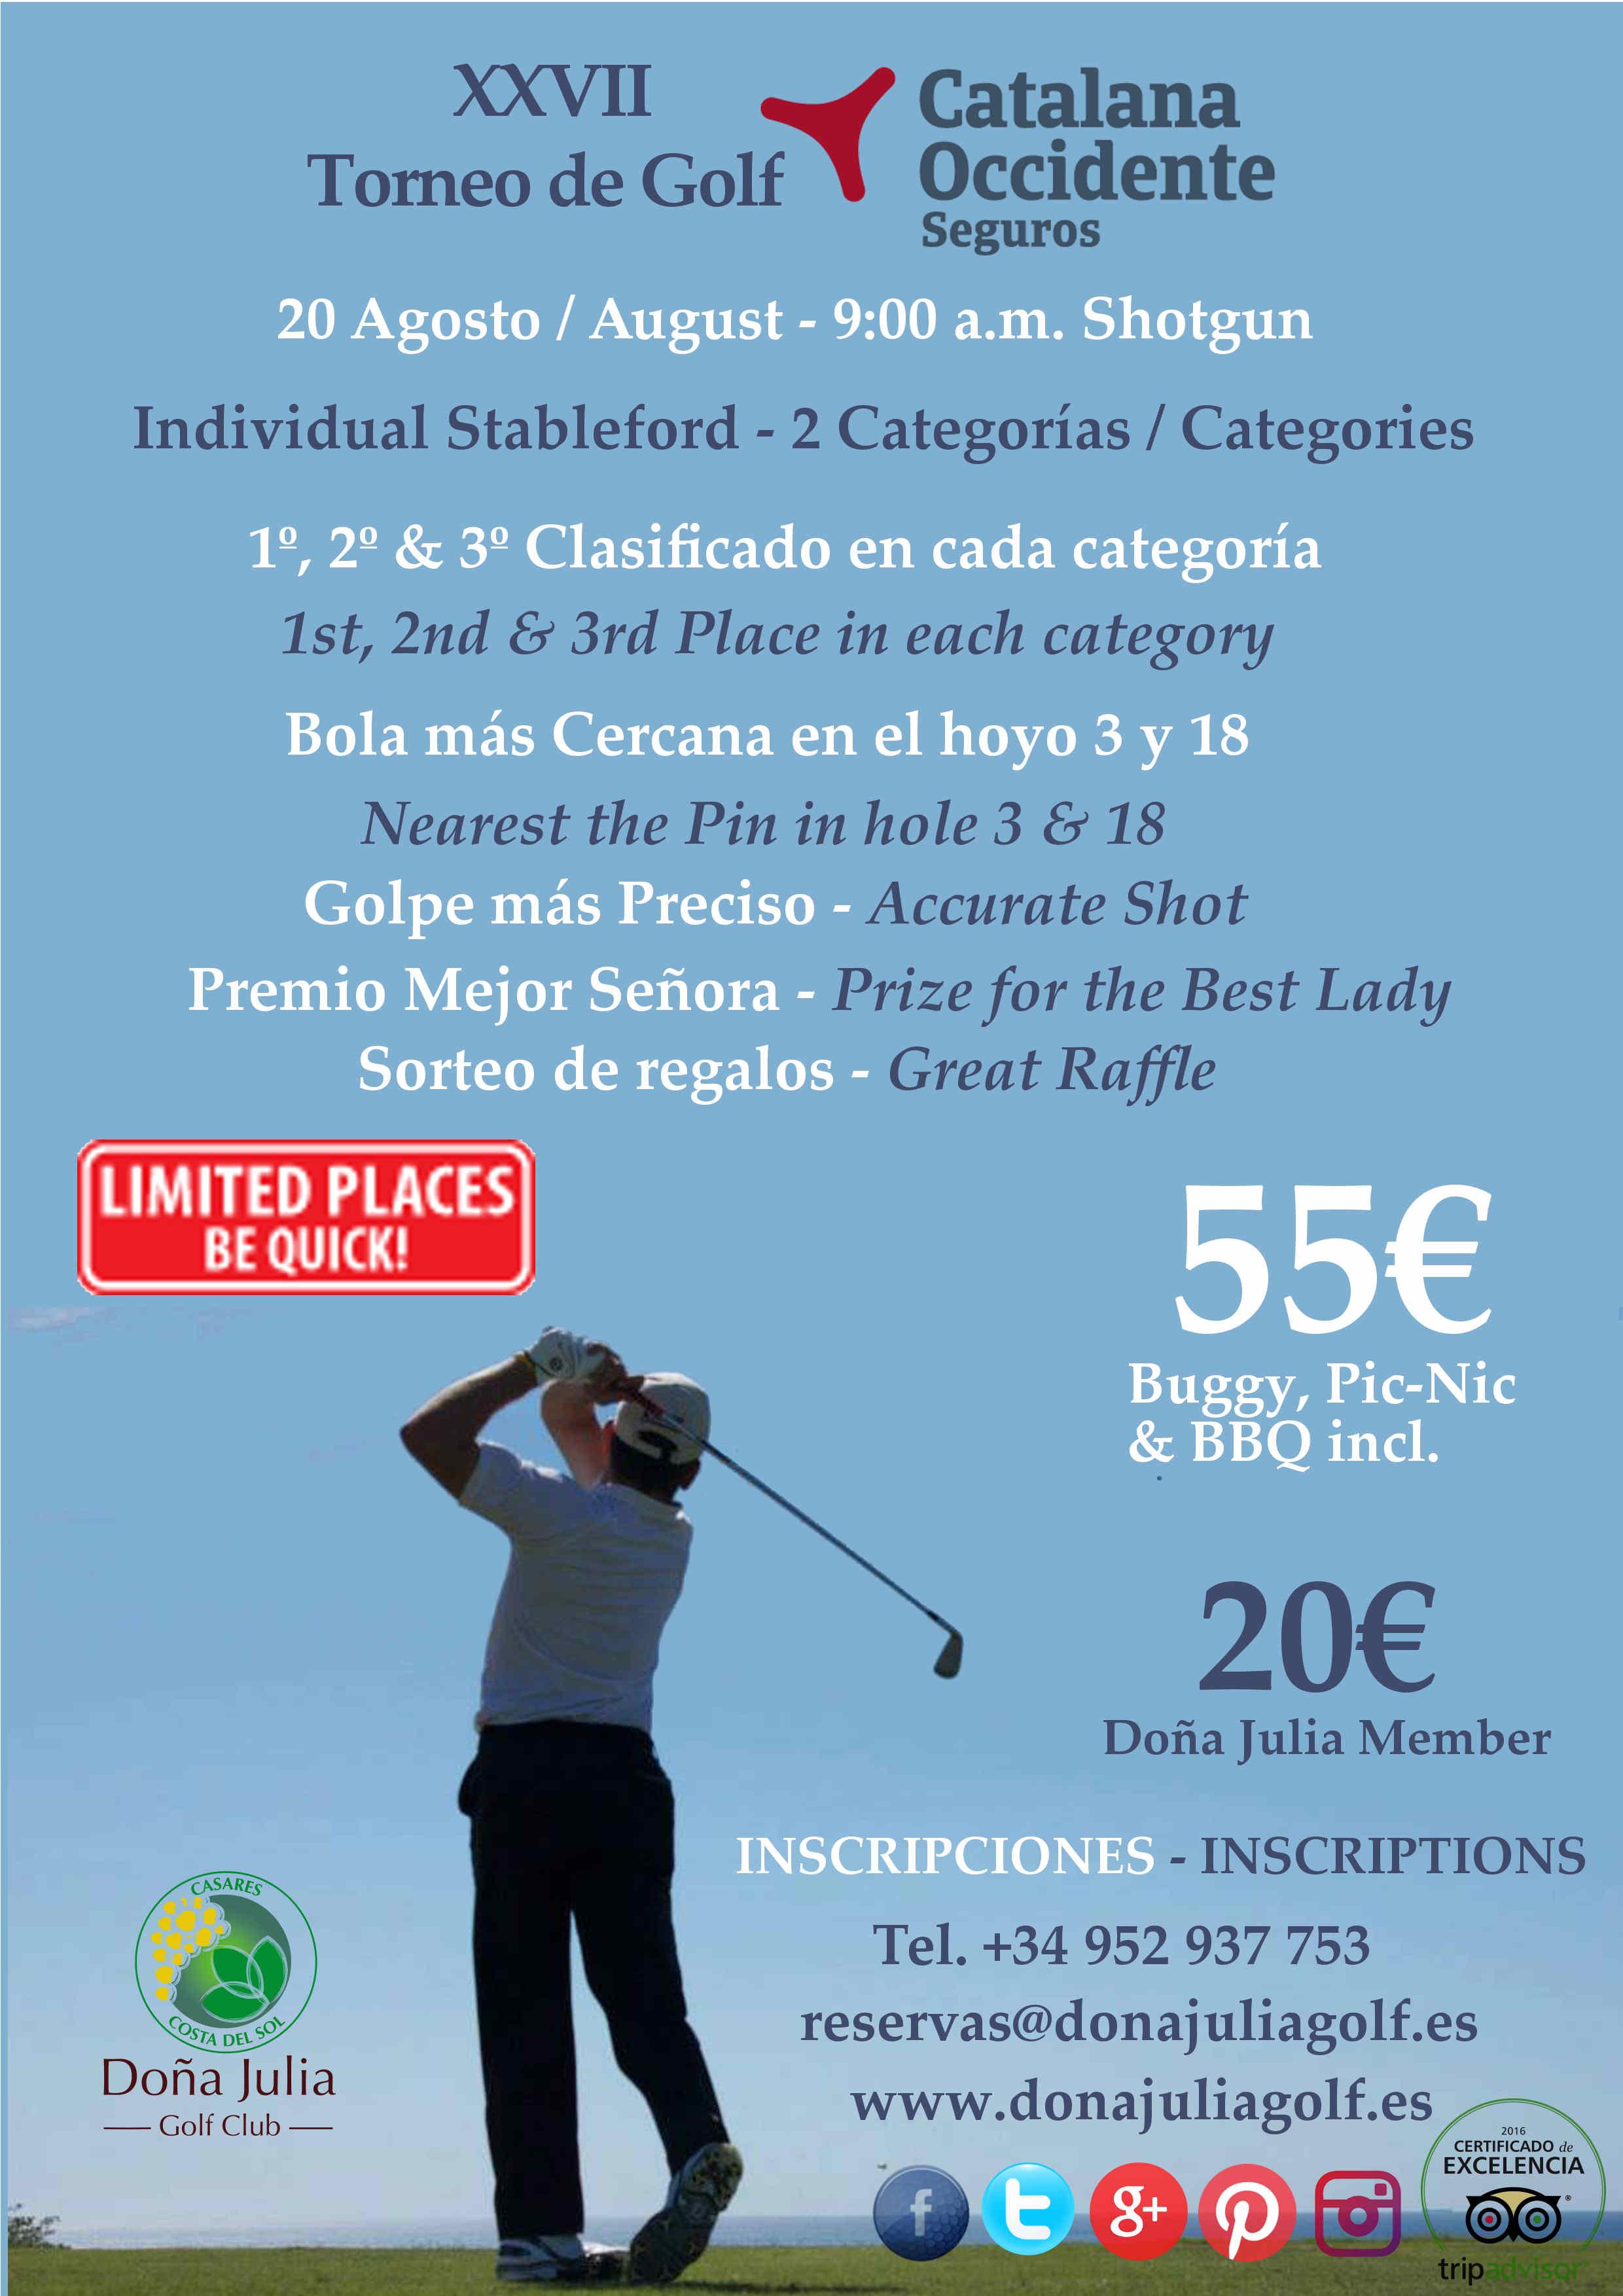 XXVII Torneo de Golf Catalana Occidente